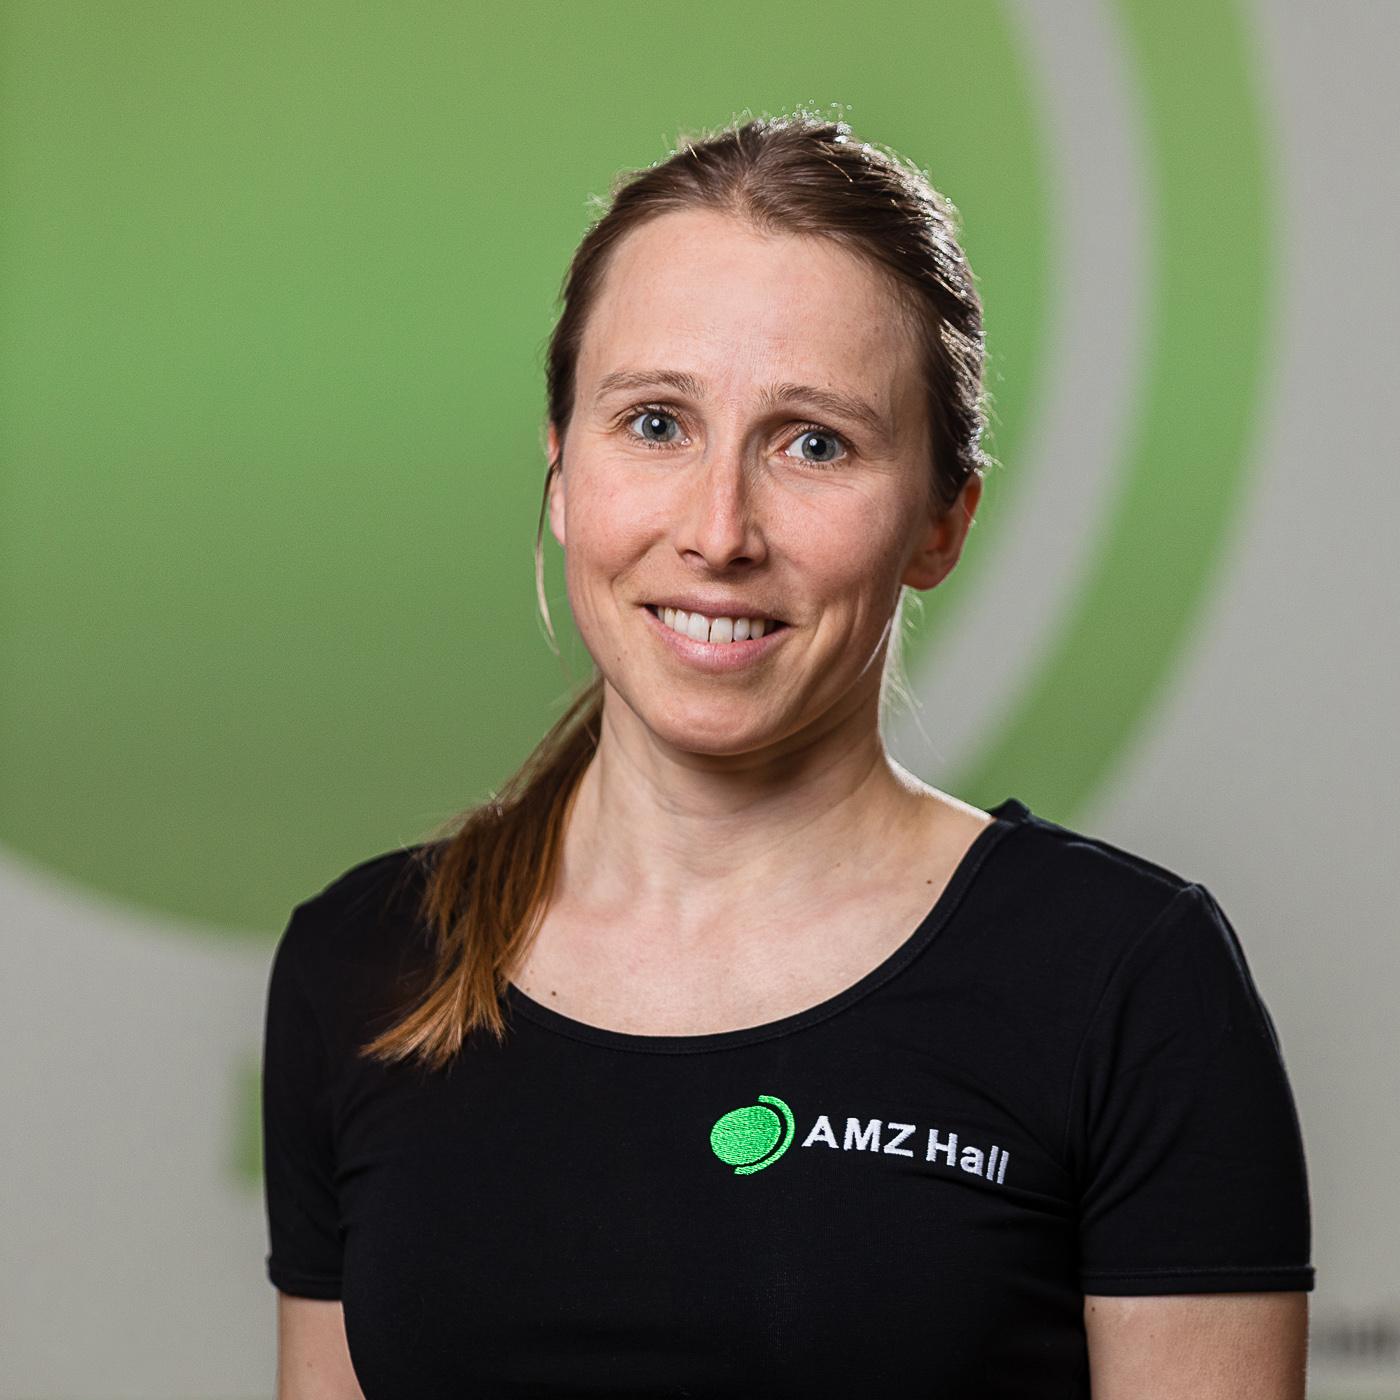 Dr. Susanne Kurz